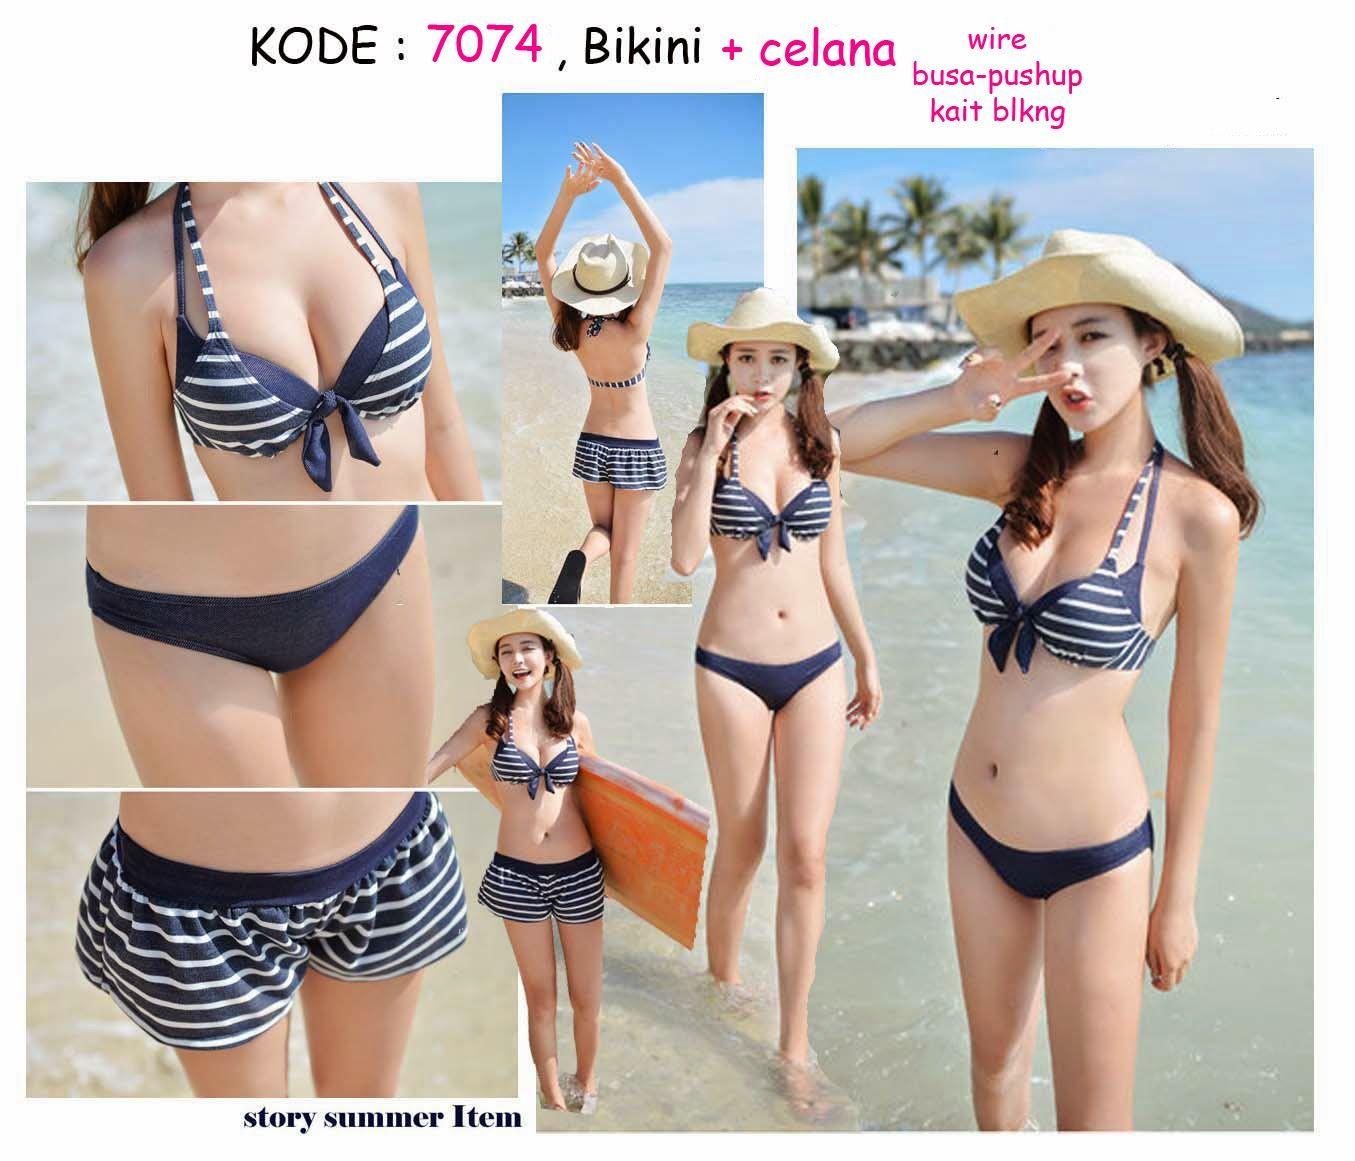 43d33d01e49 7074-240rb Jual bikini celana set pushup halter pantai bali   BIkini ...